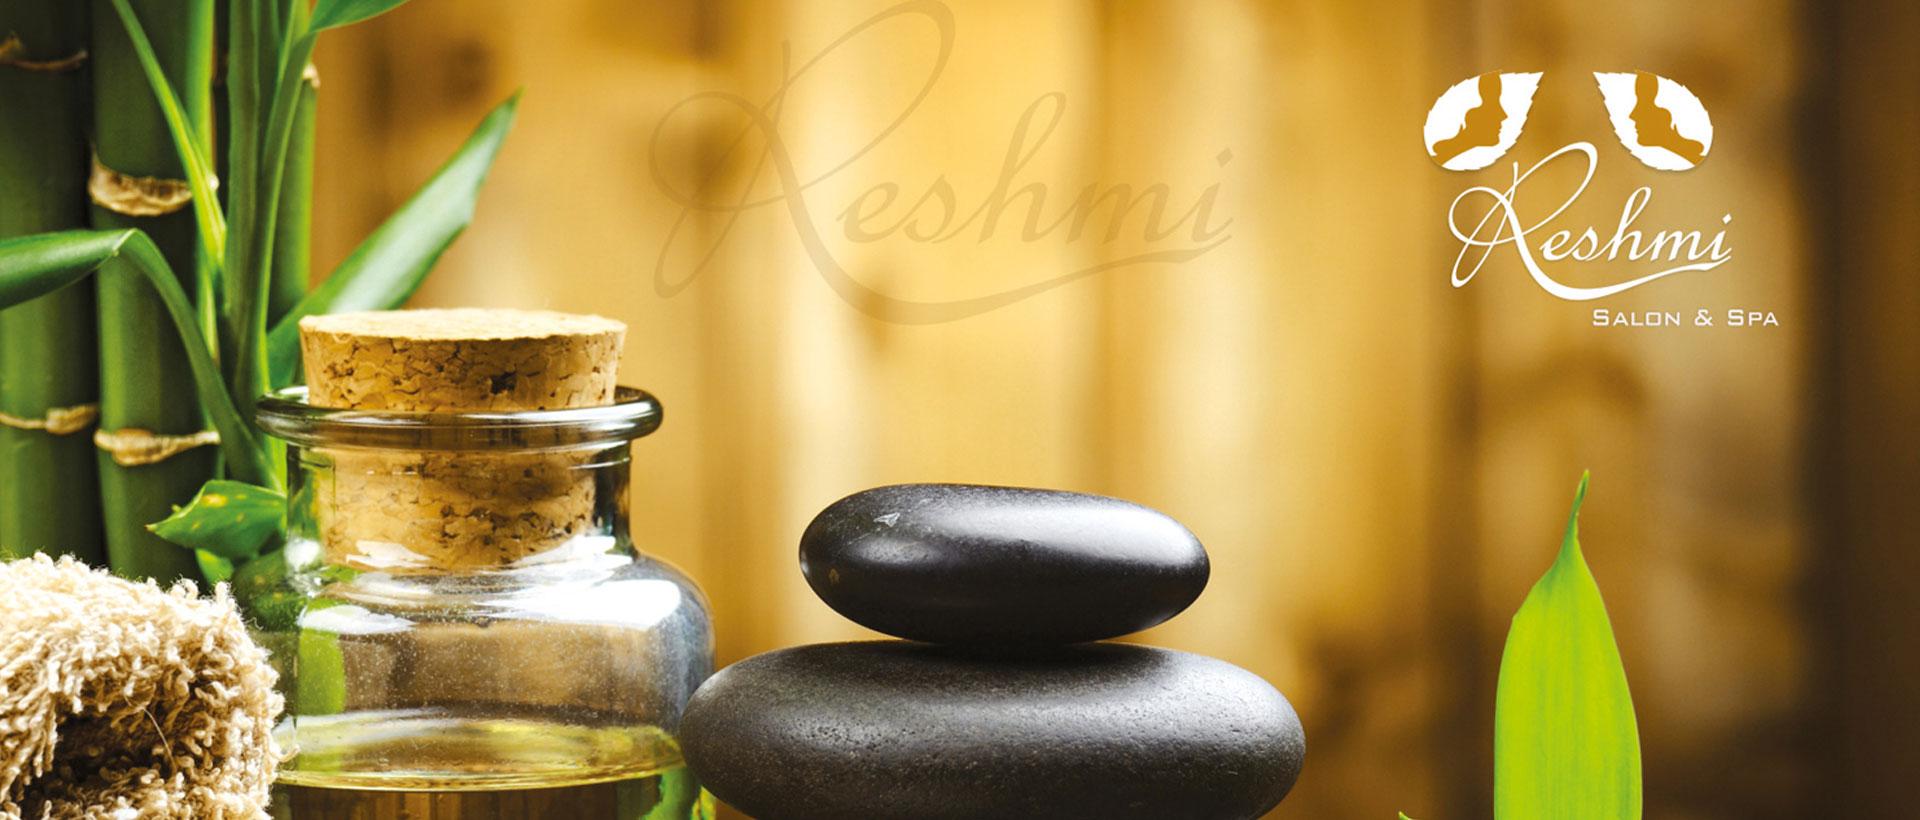 Reshmi Family Salon & Spa